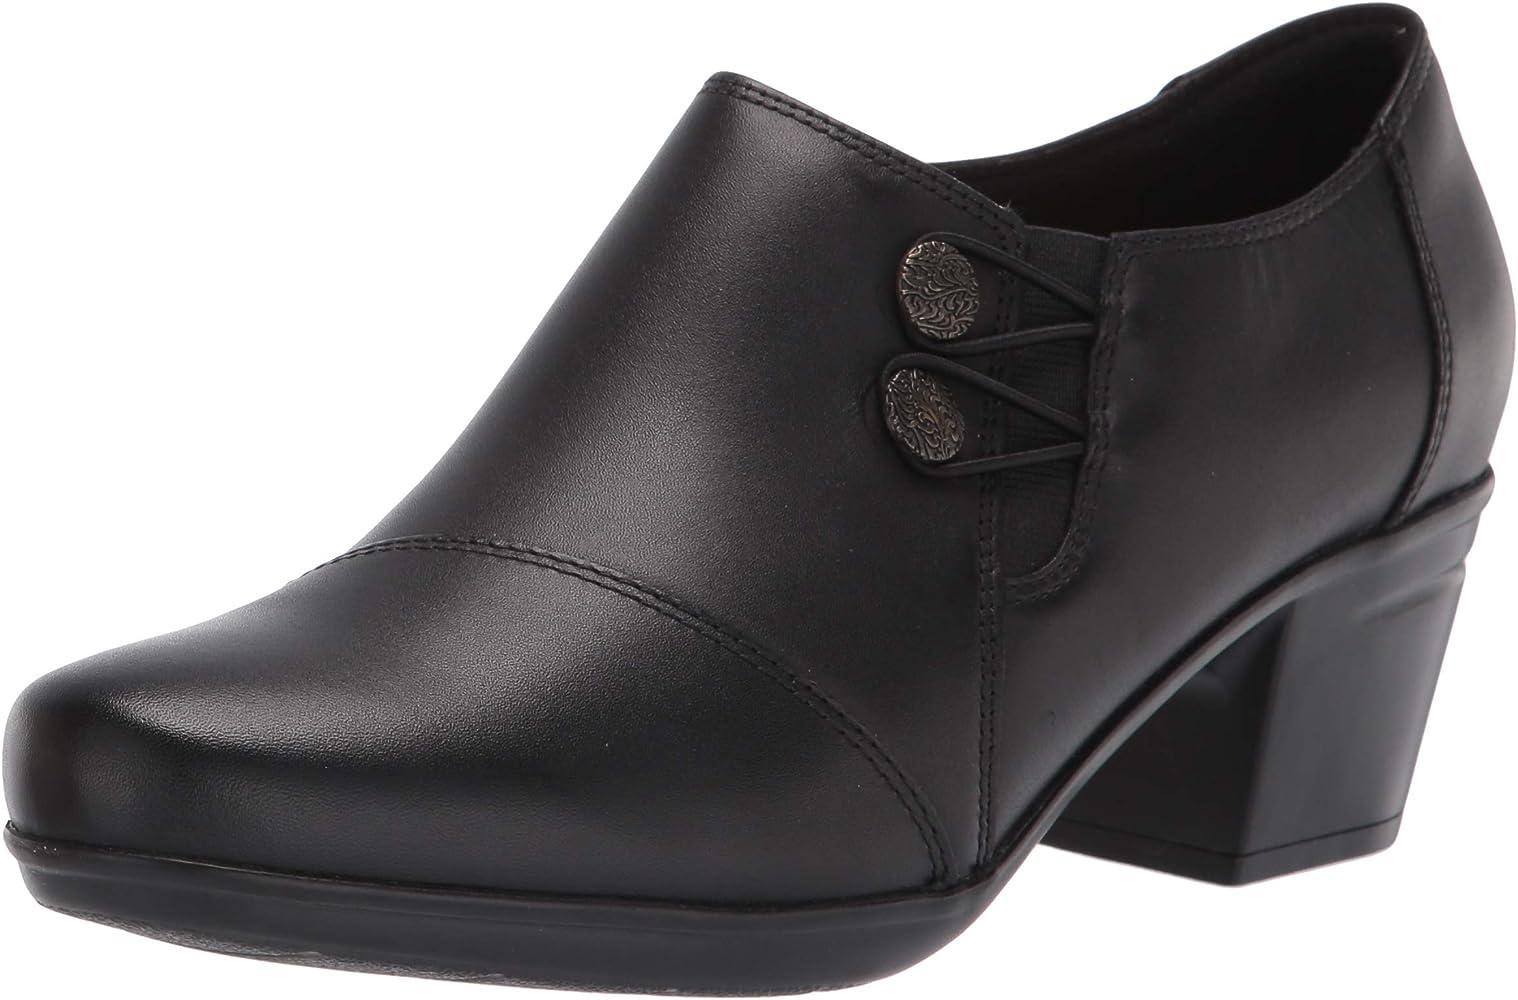 Lobo con piel de cordero tanto compromiso  Amazon.com: Clarks - Tacones Emslie Warren para mujer, Negro, 5: Shoes